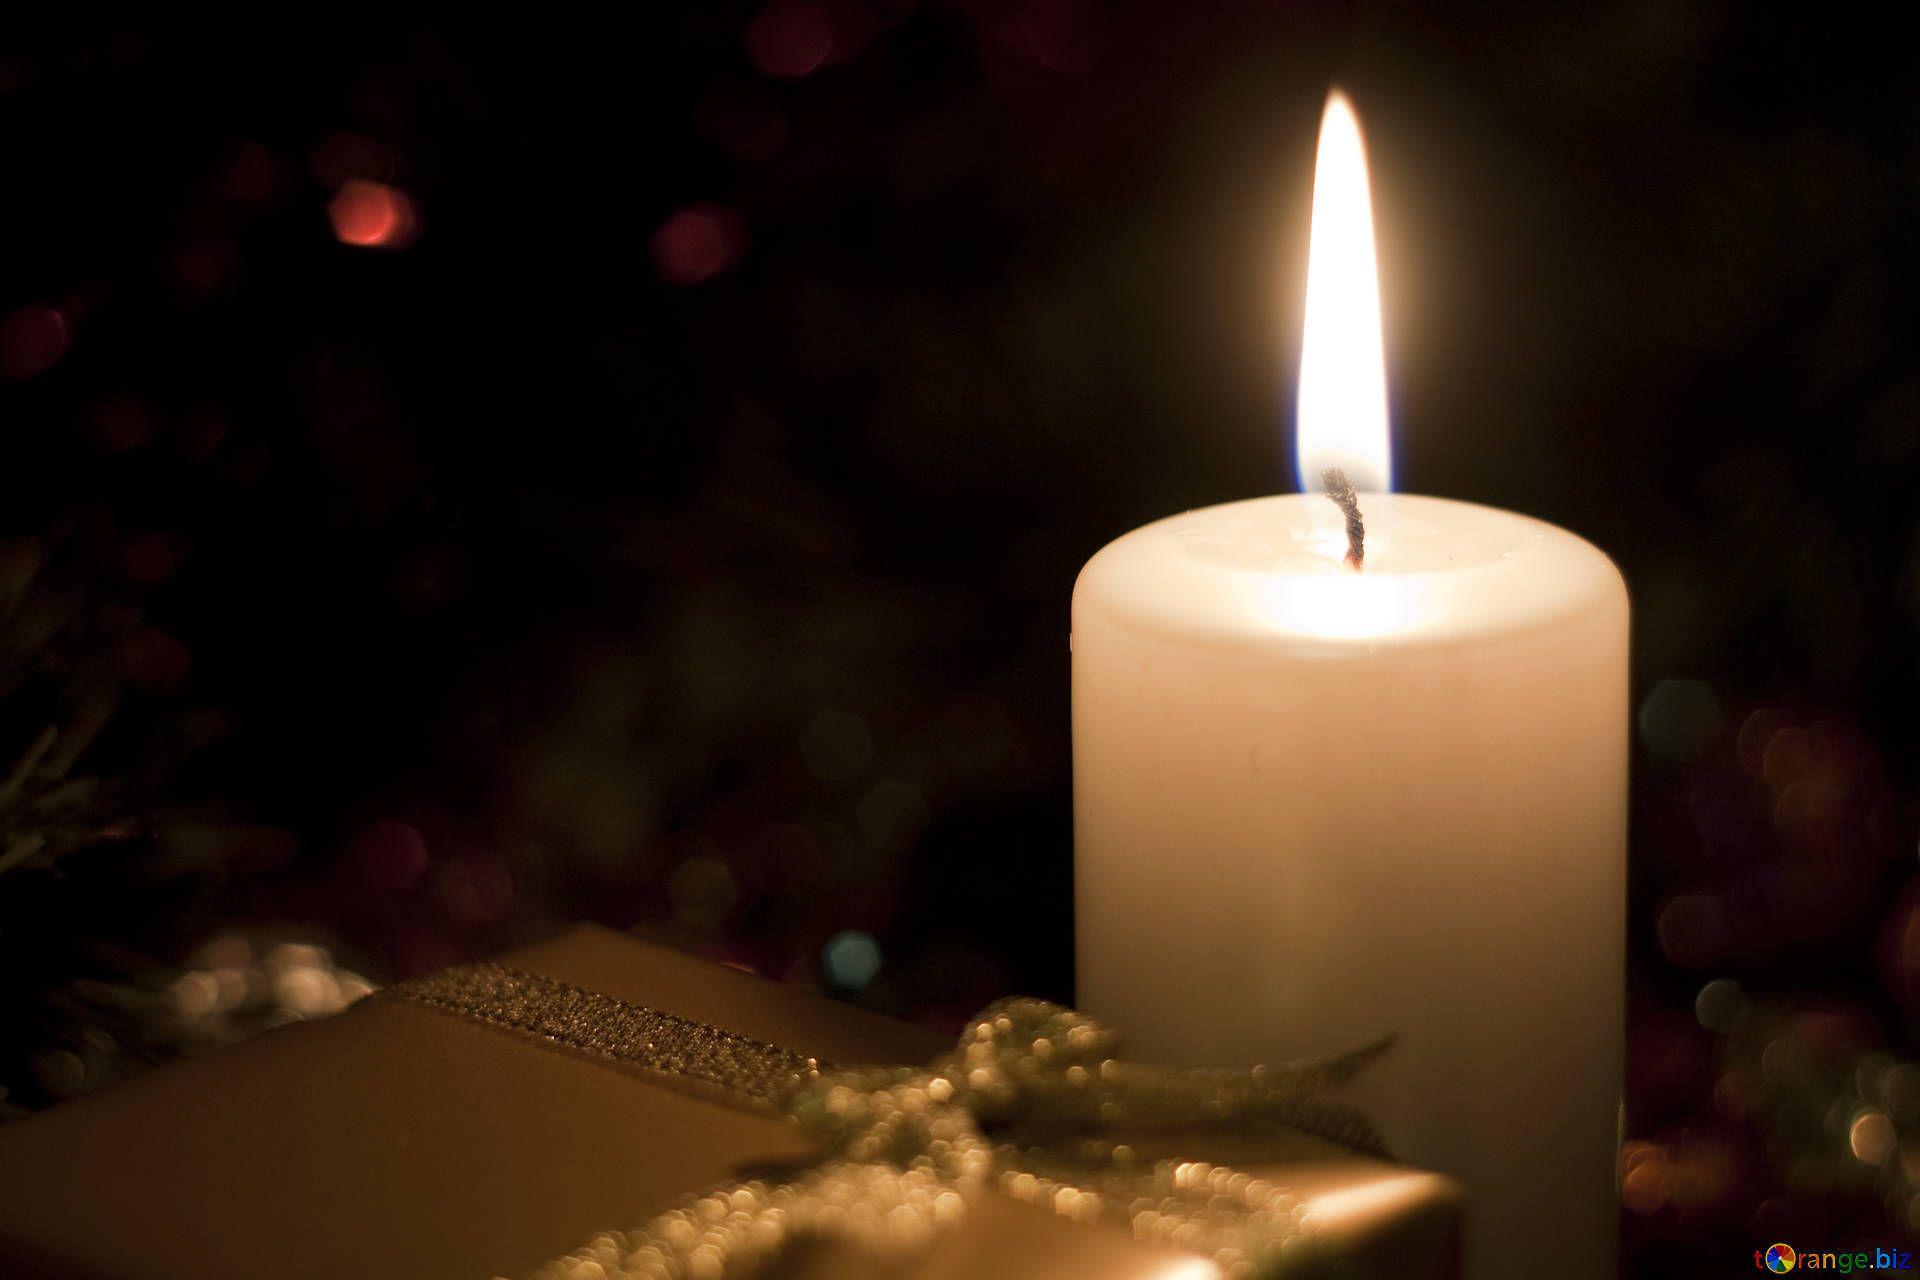 خلفيات شاشة رومانسية Romance Wallpaper Hd 1080p Tecnologis Prayer For Troubled Marriage Easy Love Spells Romantic Candles